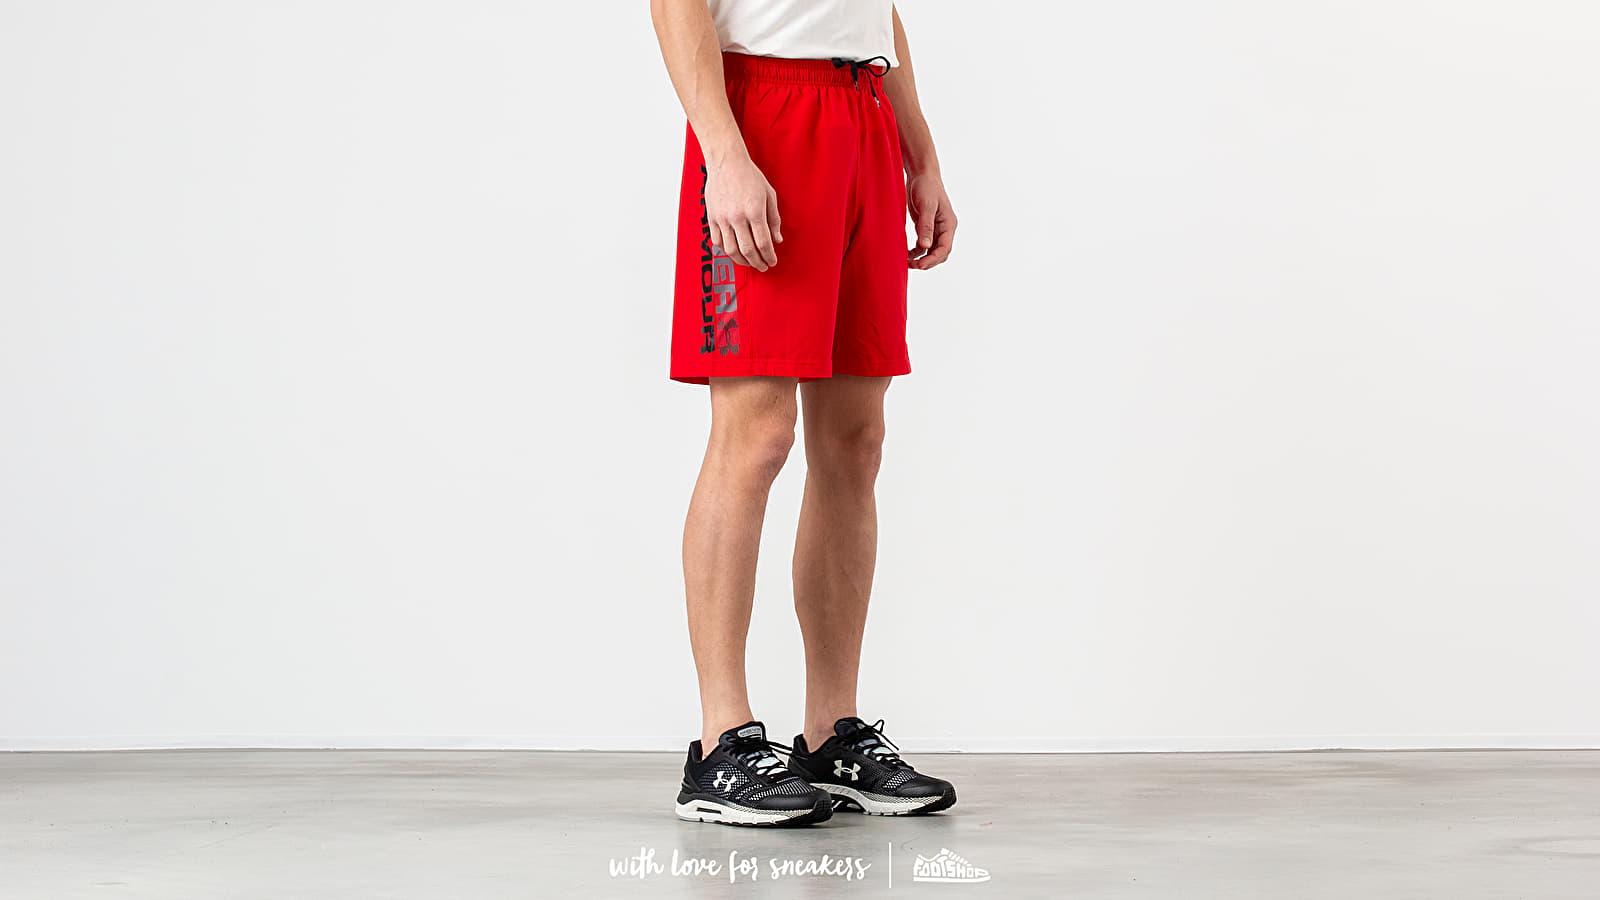 Under Armour Woven Graphic Wordmark Shorts Red nagyszerű árakon 8 061 Ft vásárolj a Footshopban